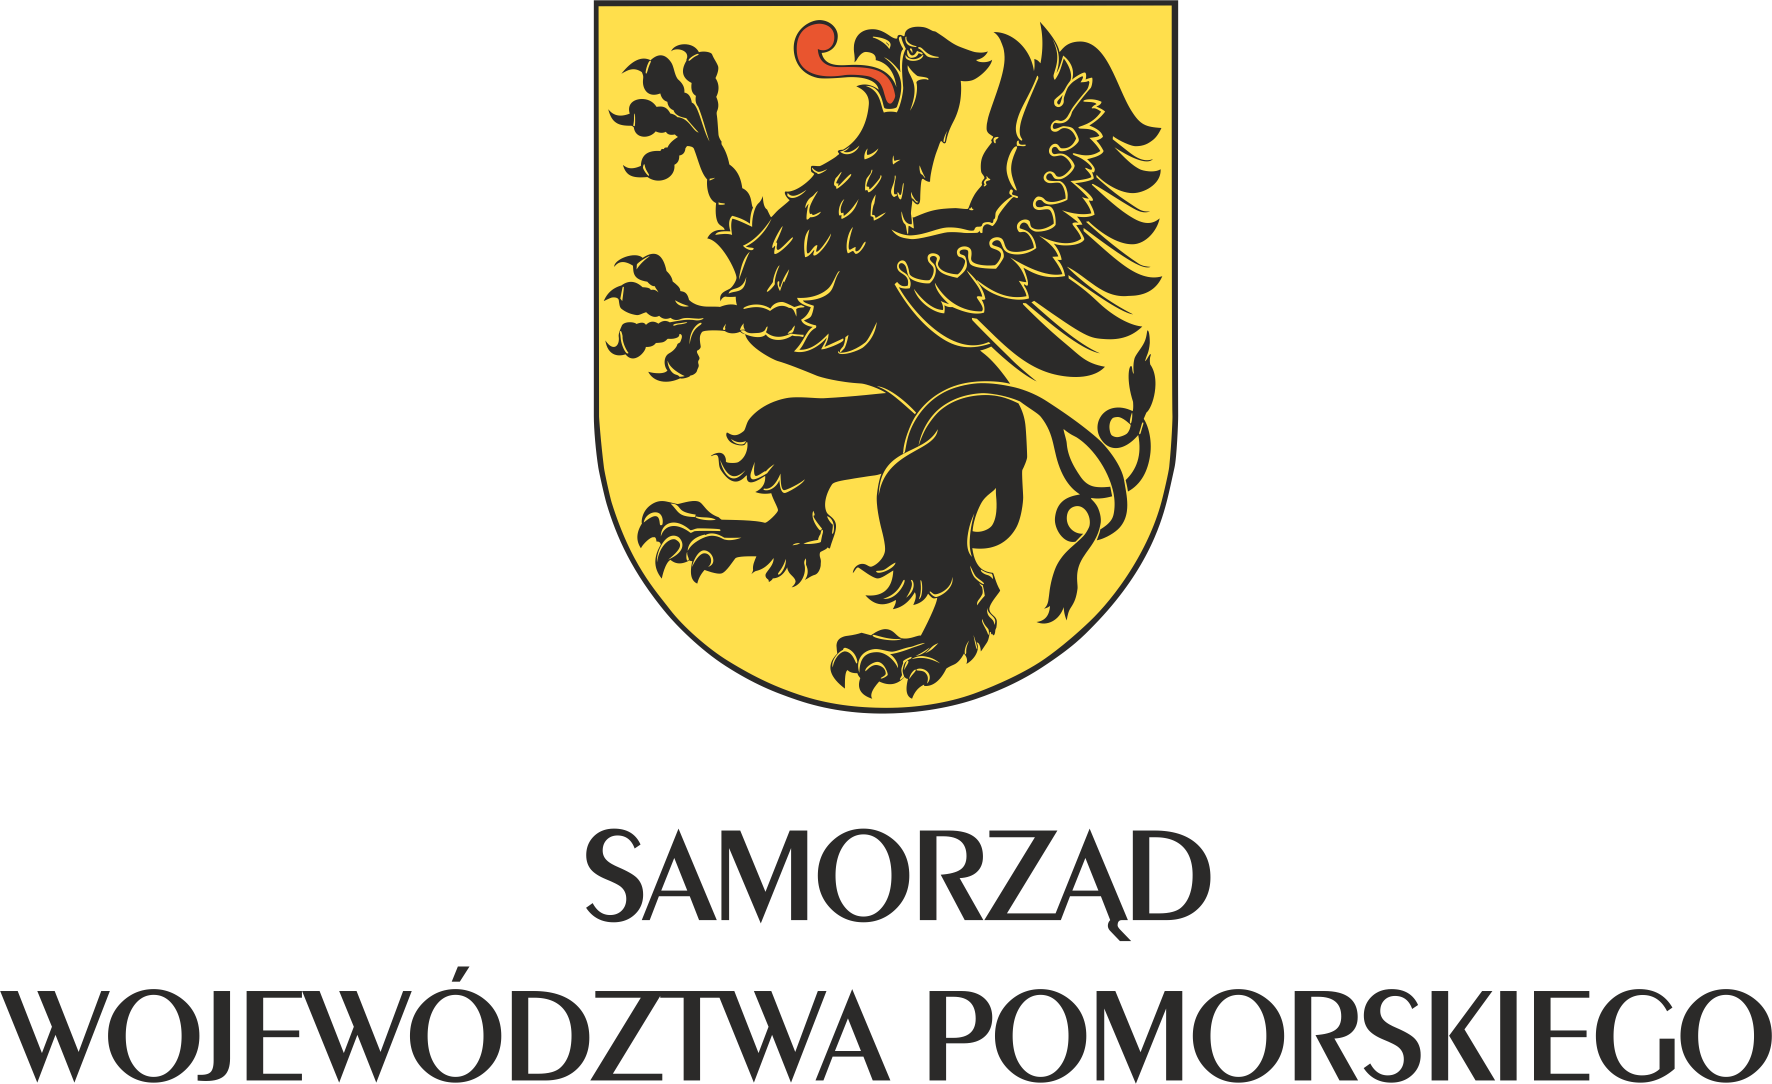 Samorzad_Wojewodztwa_Pomorskiego_pion-2012-RGB-NIE DO DRUKU